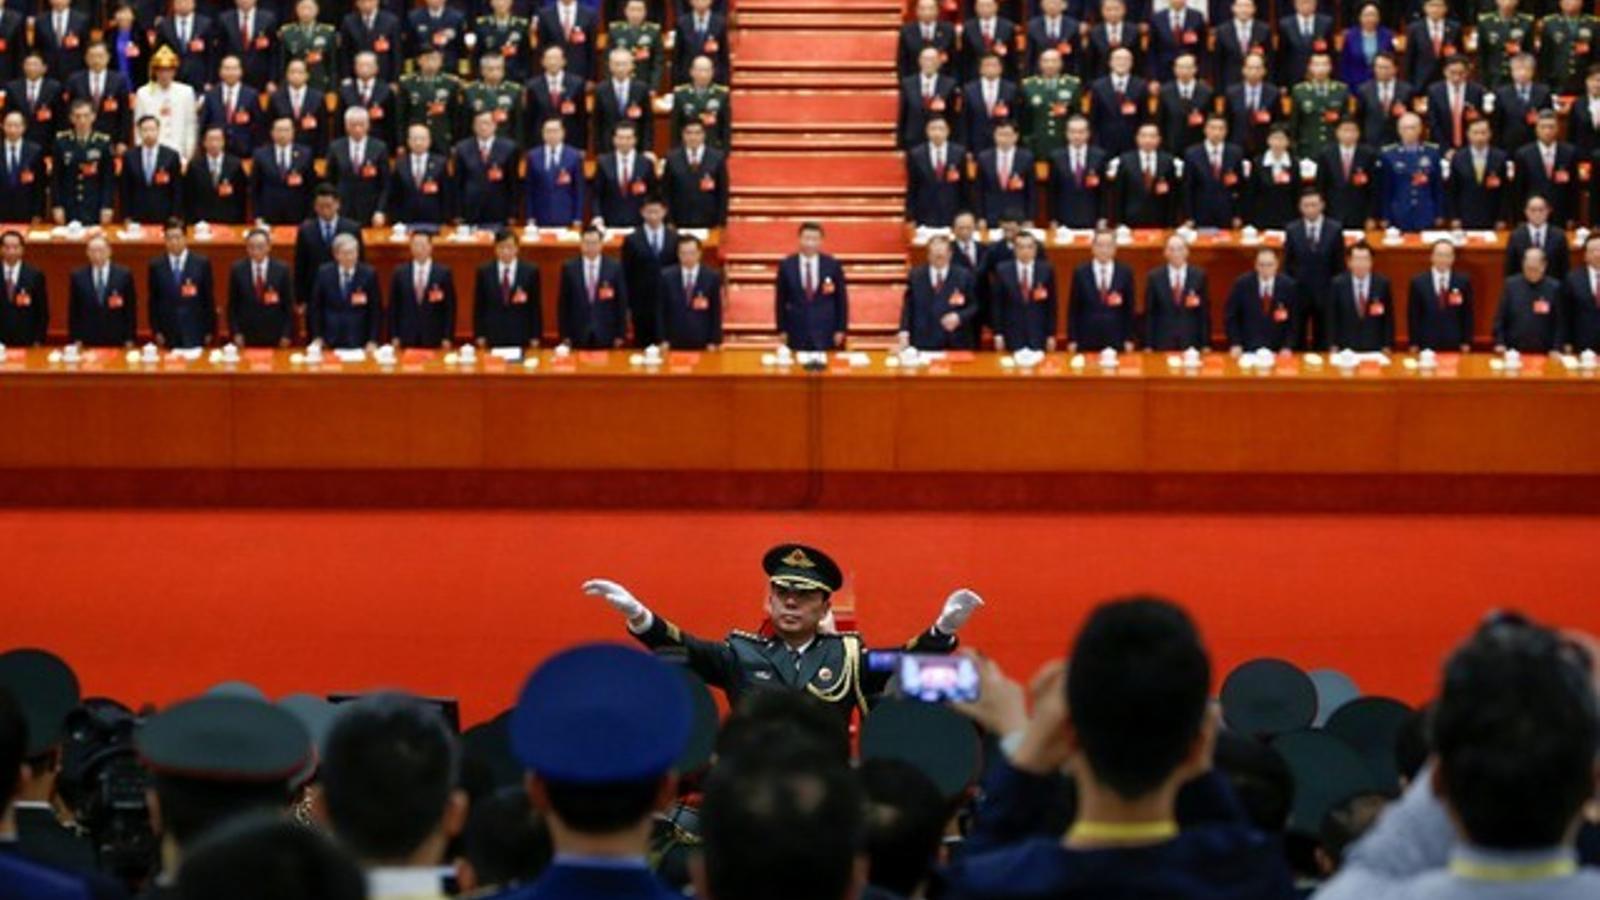 Un militar dirigeix el cor en la cloenda del Partit Comunista, amb Xi Jinping al centre, en la taula presidencial.